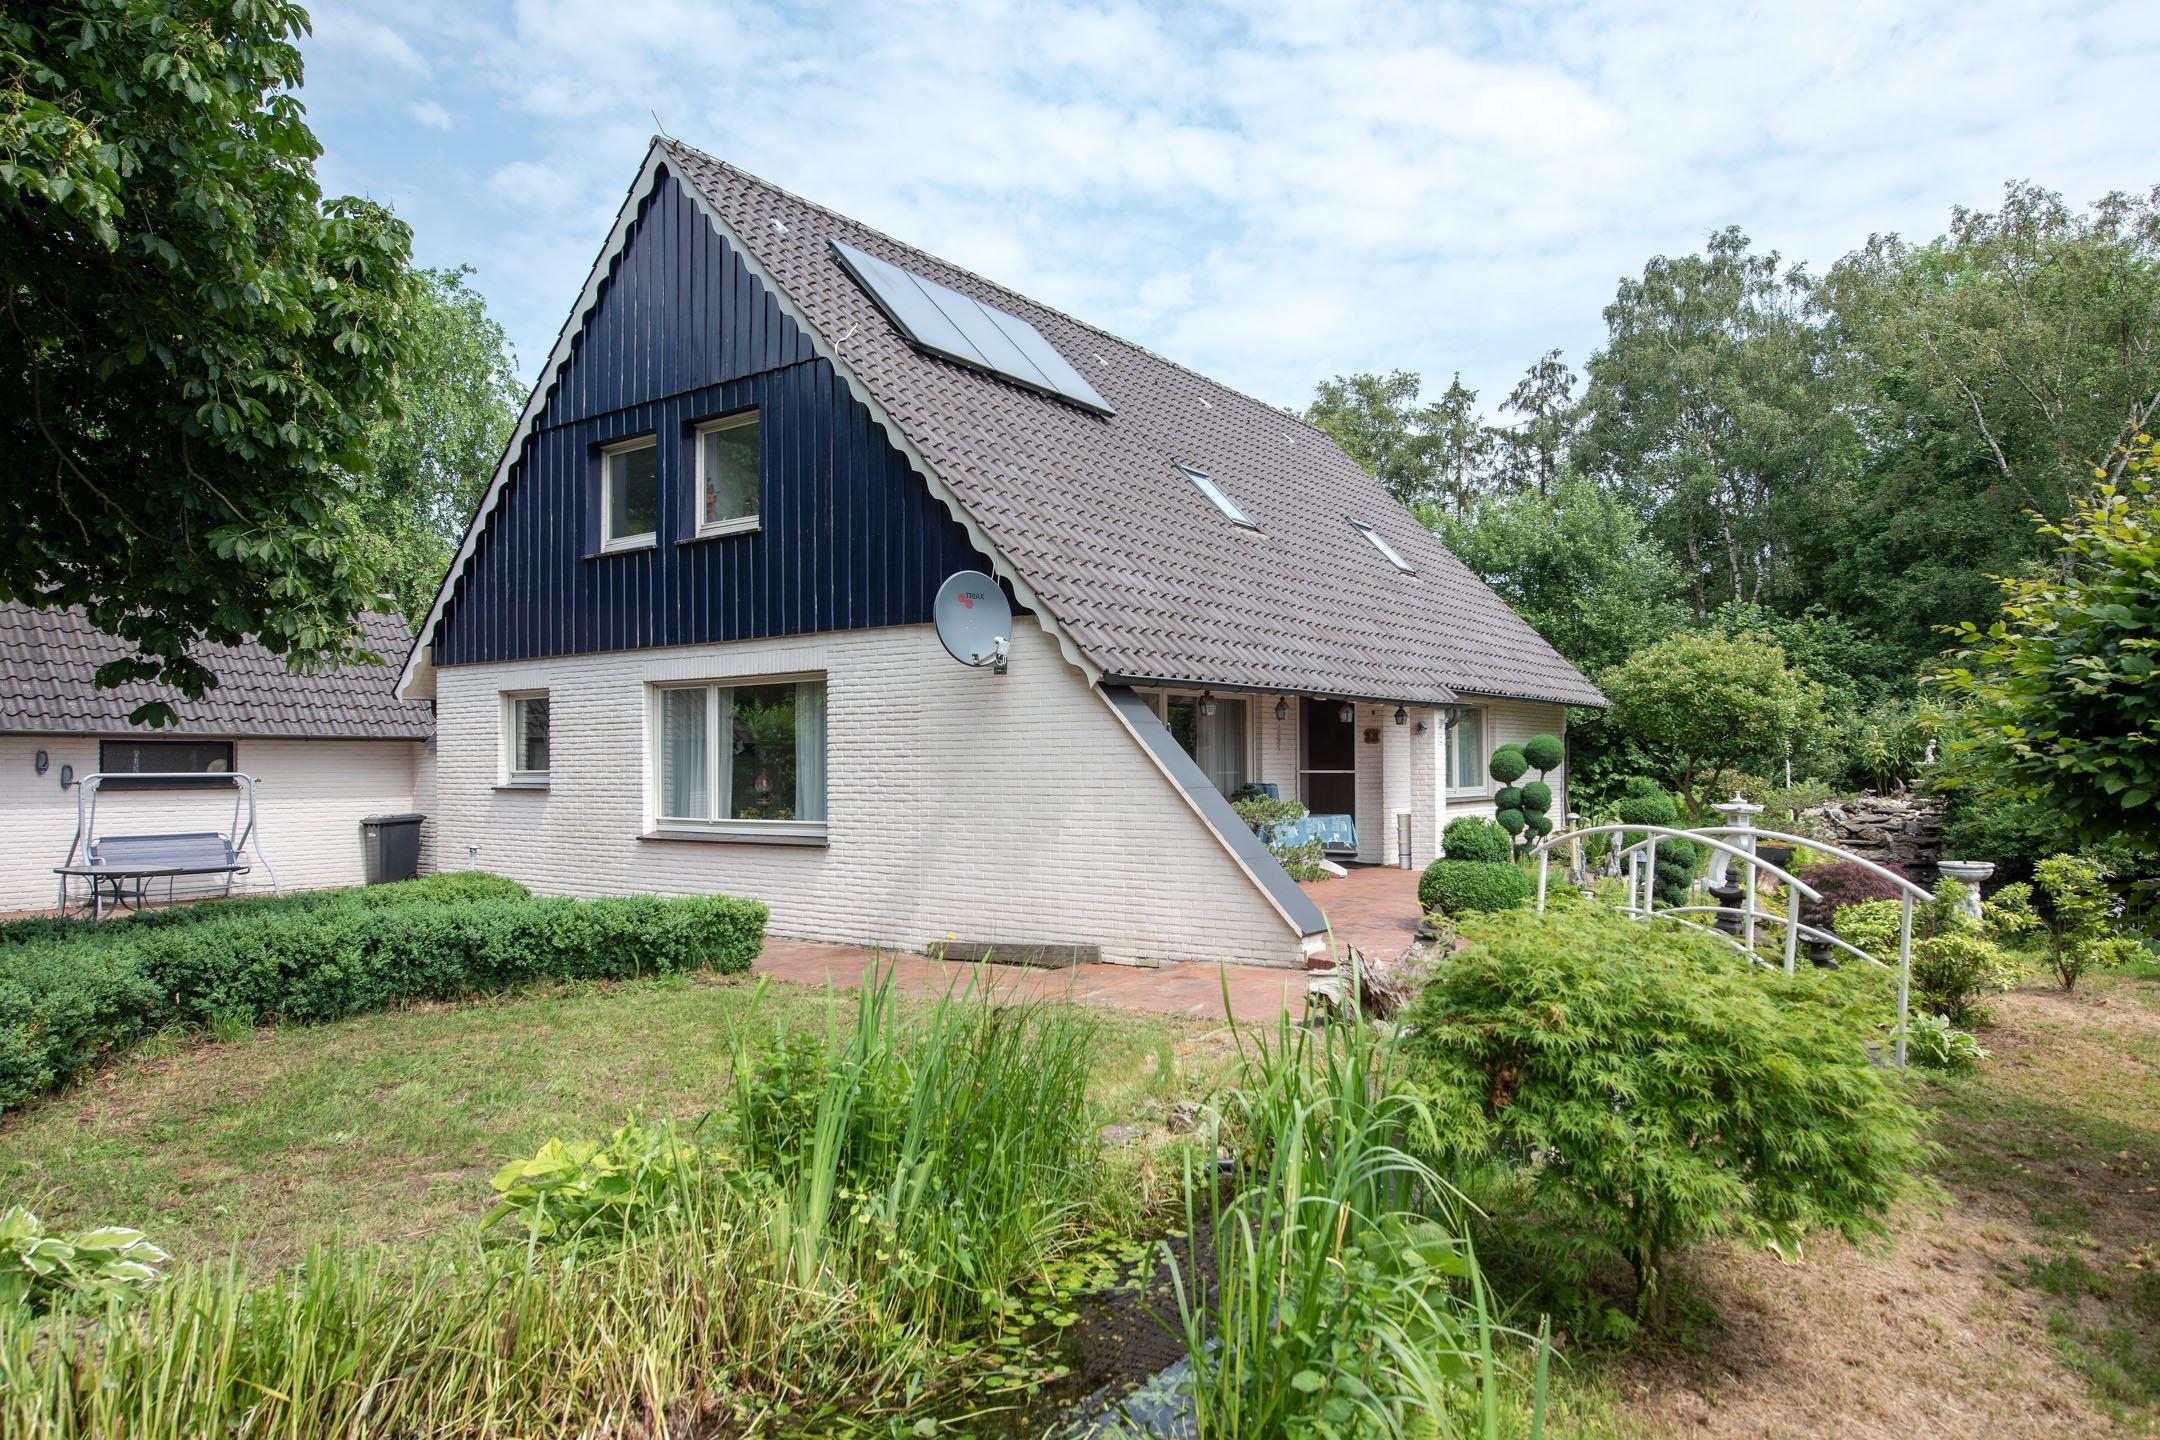 House for sale: an der waldseite 12 48455 bad bentheim gildehaus